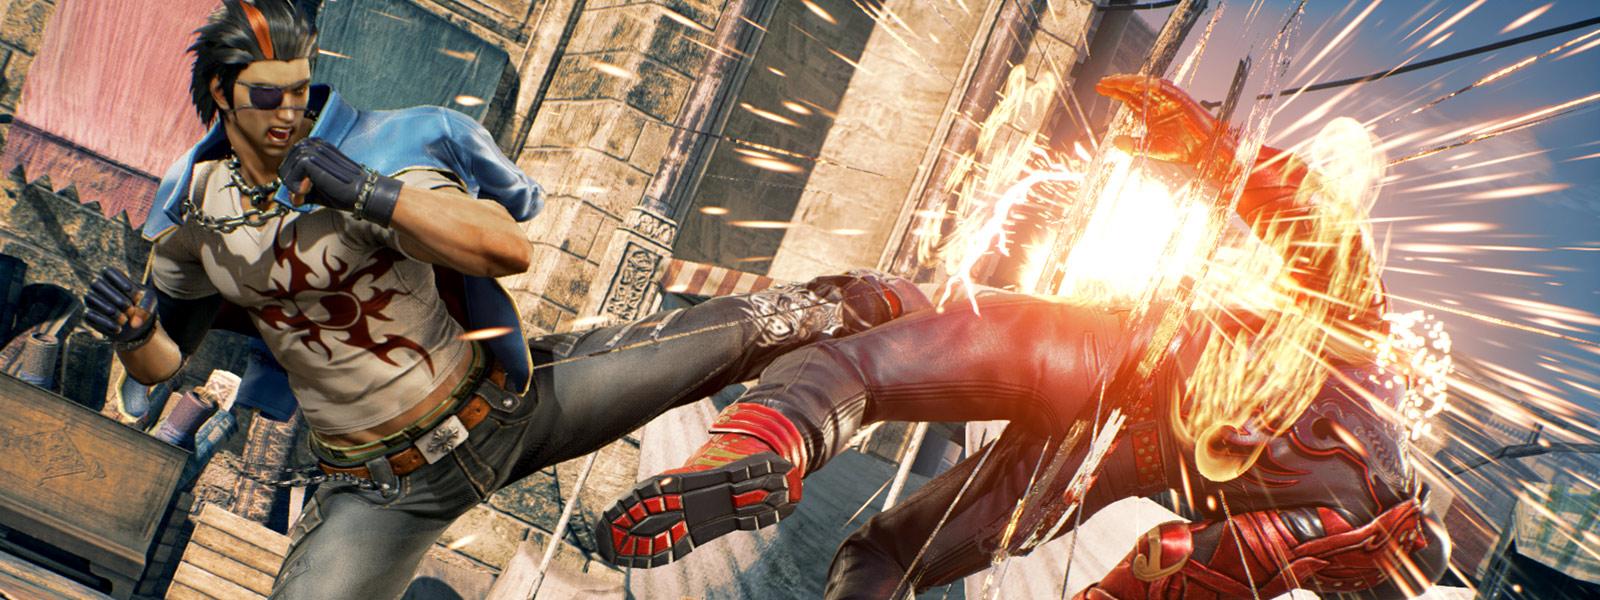 Hwoarang bruger et højt spark mod en modstander